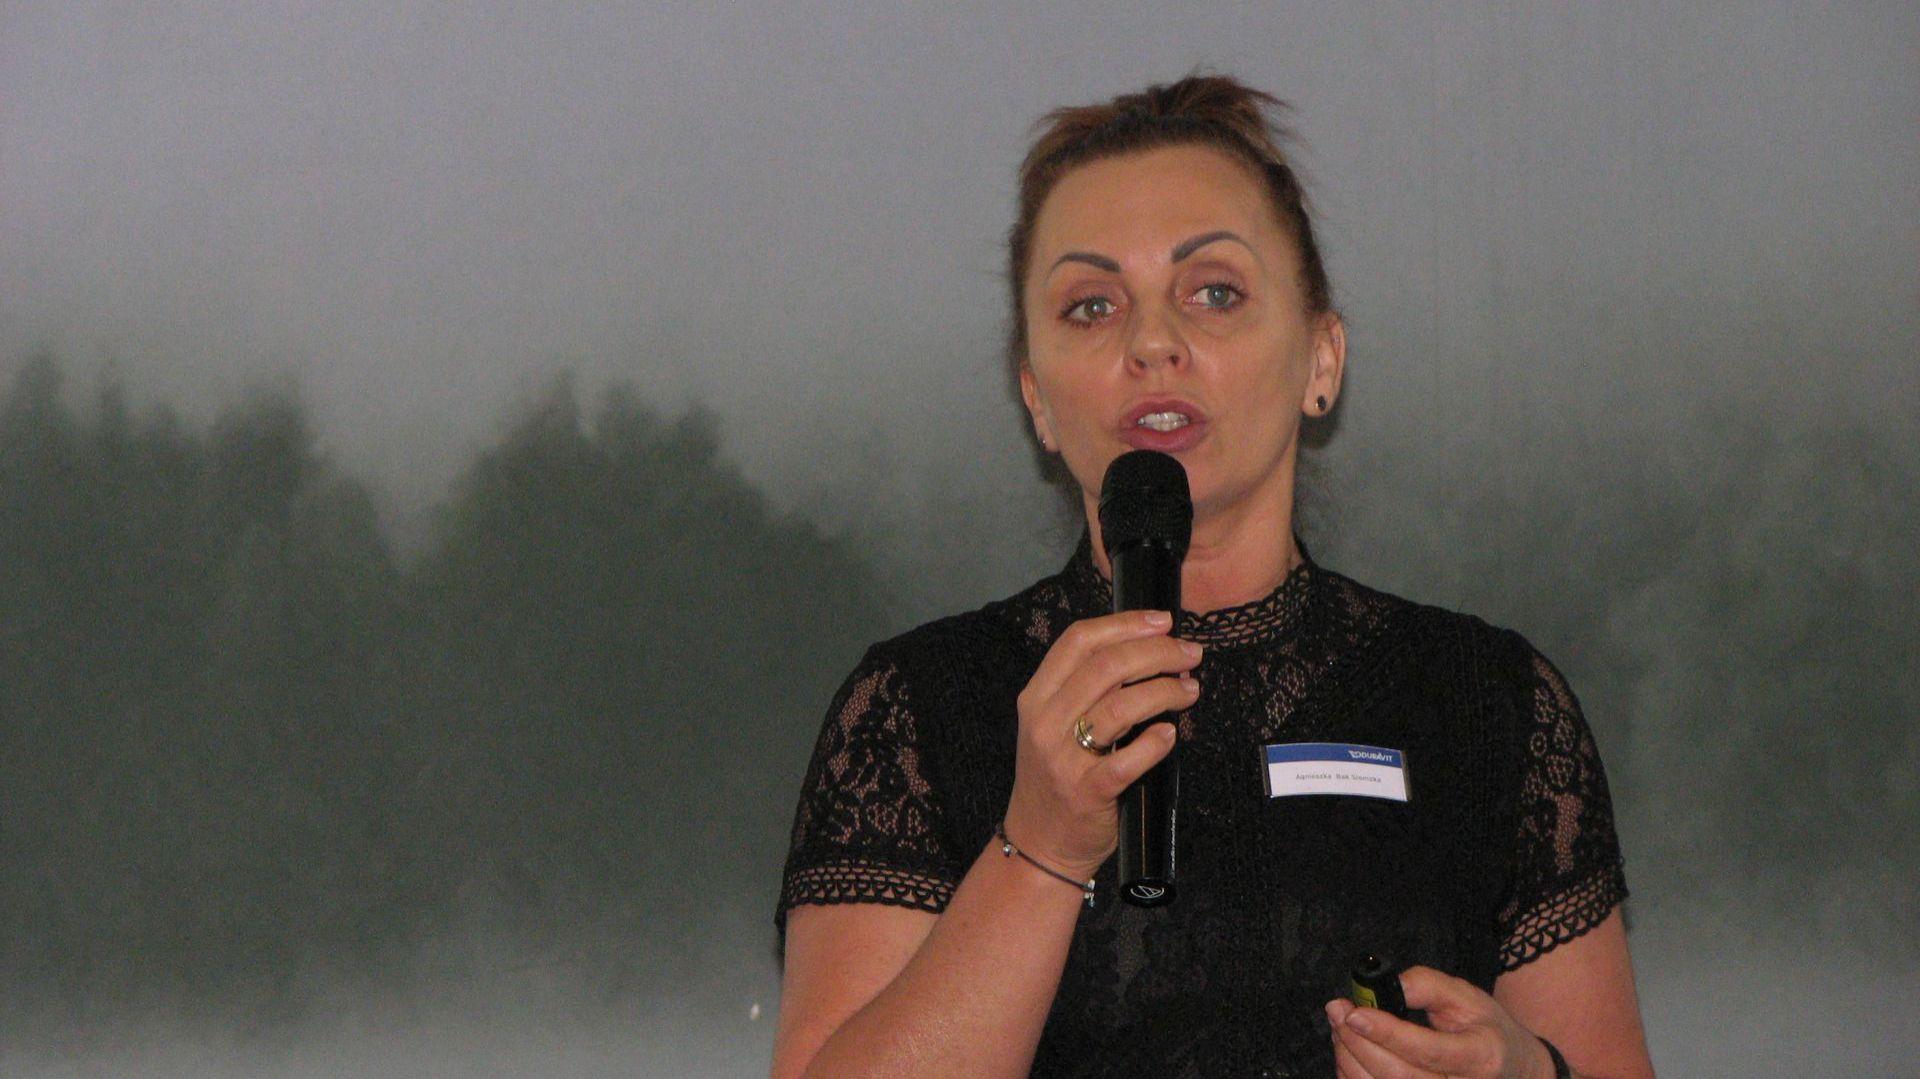 Agnieszka Bąk-Słomska, przedstawiciel marki Duravit. Studio Dobrych Rozwiązań, 14.03 Olsztyn